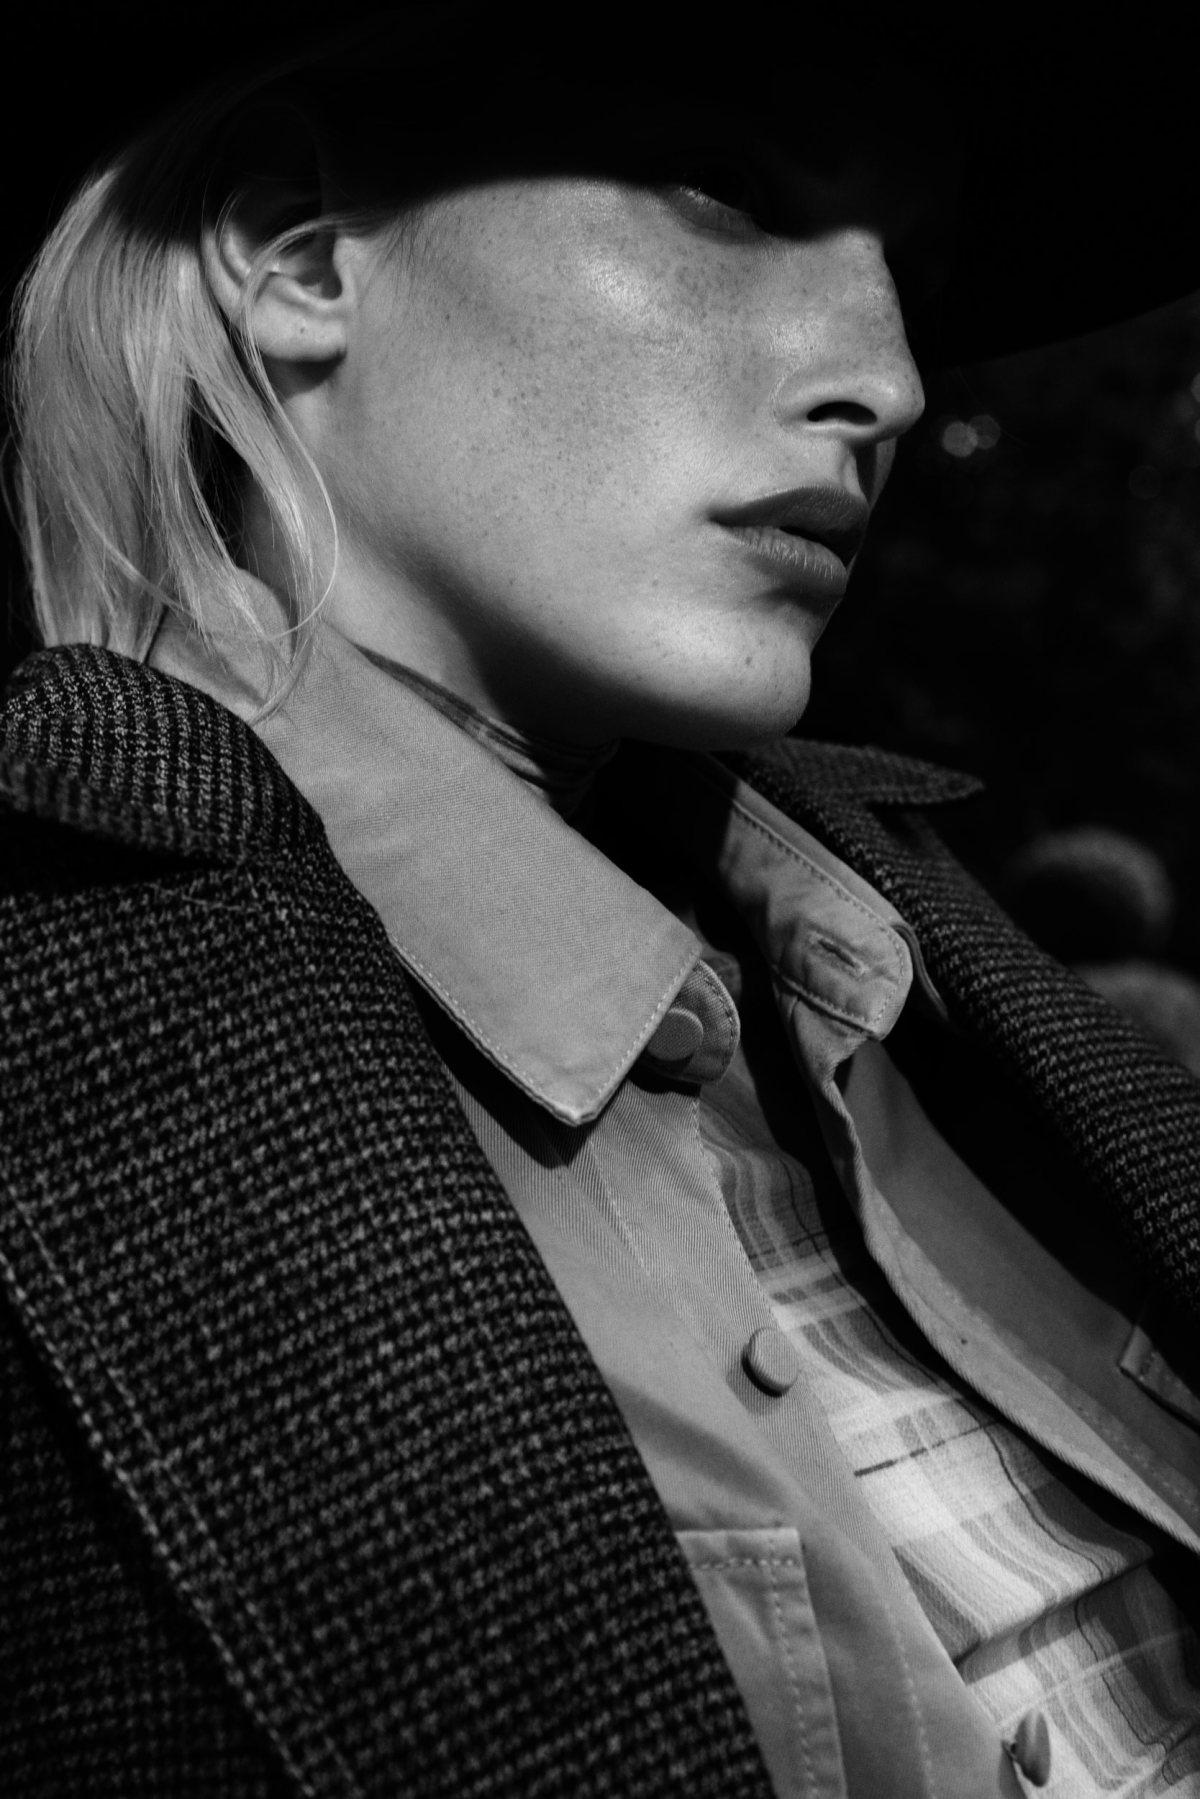 Niki Trefilova by Paul McLean for Amica